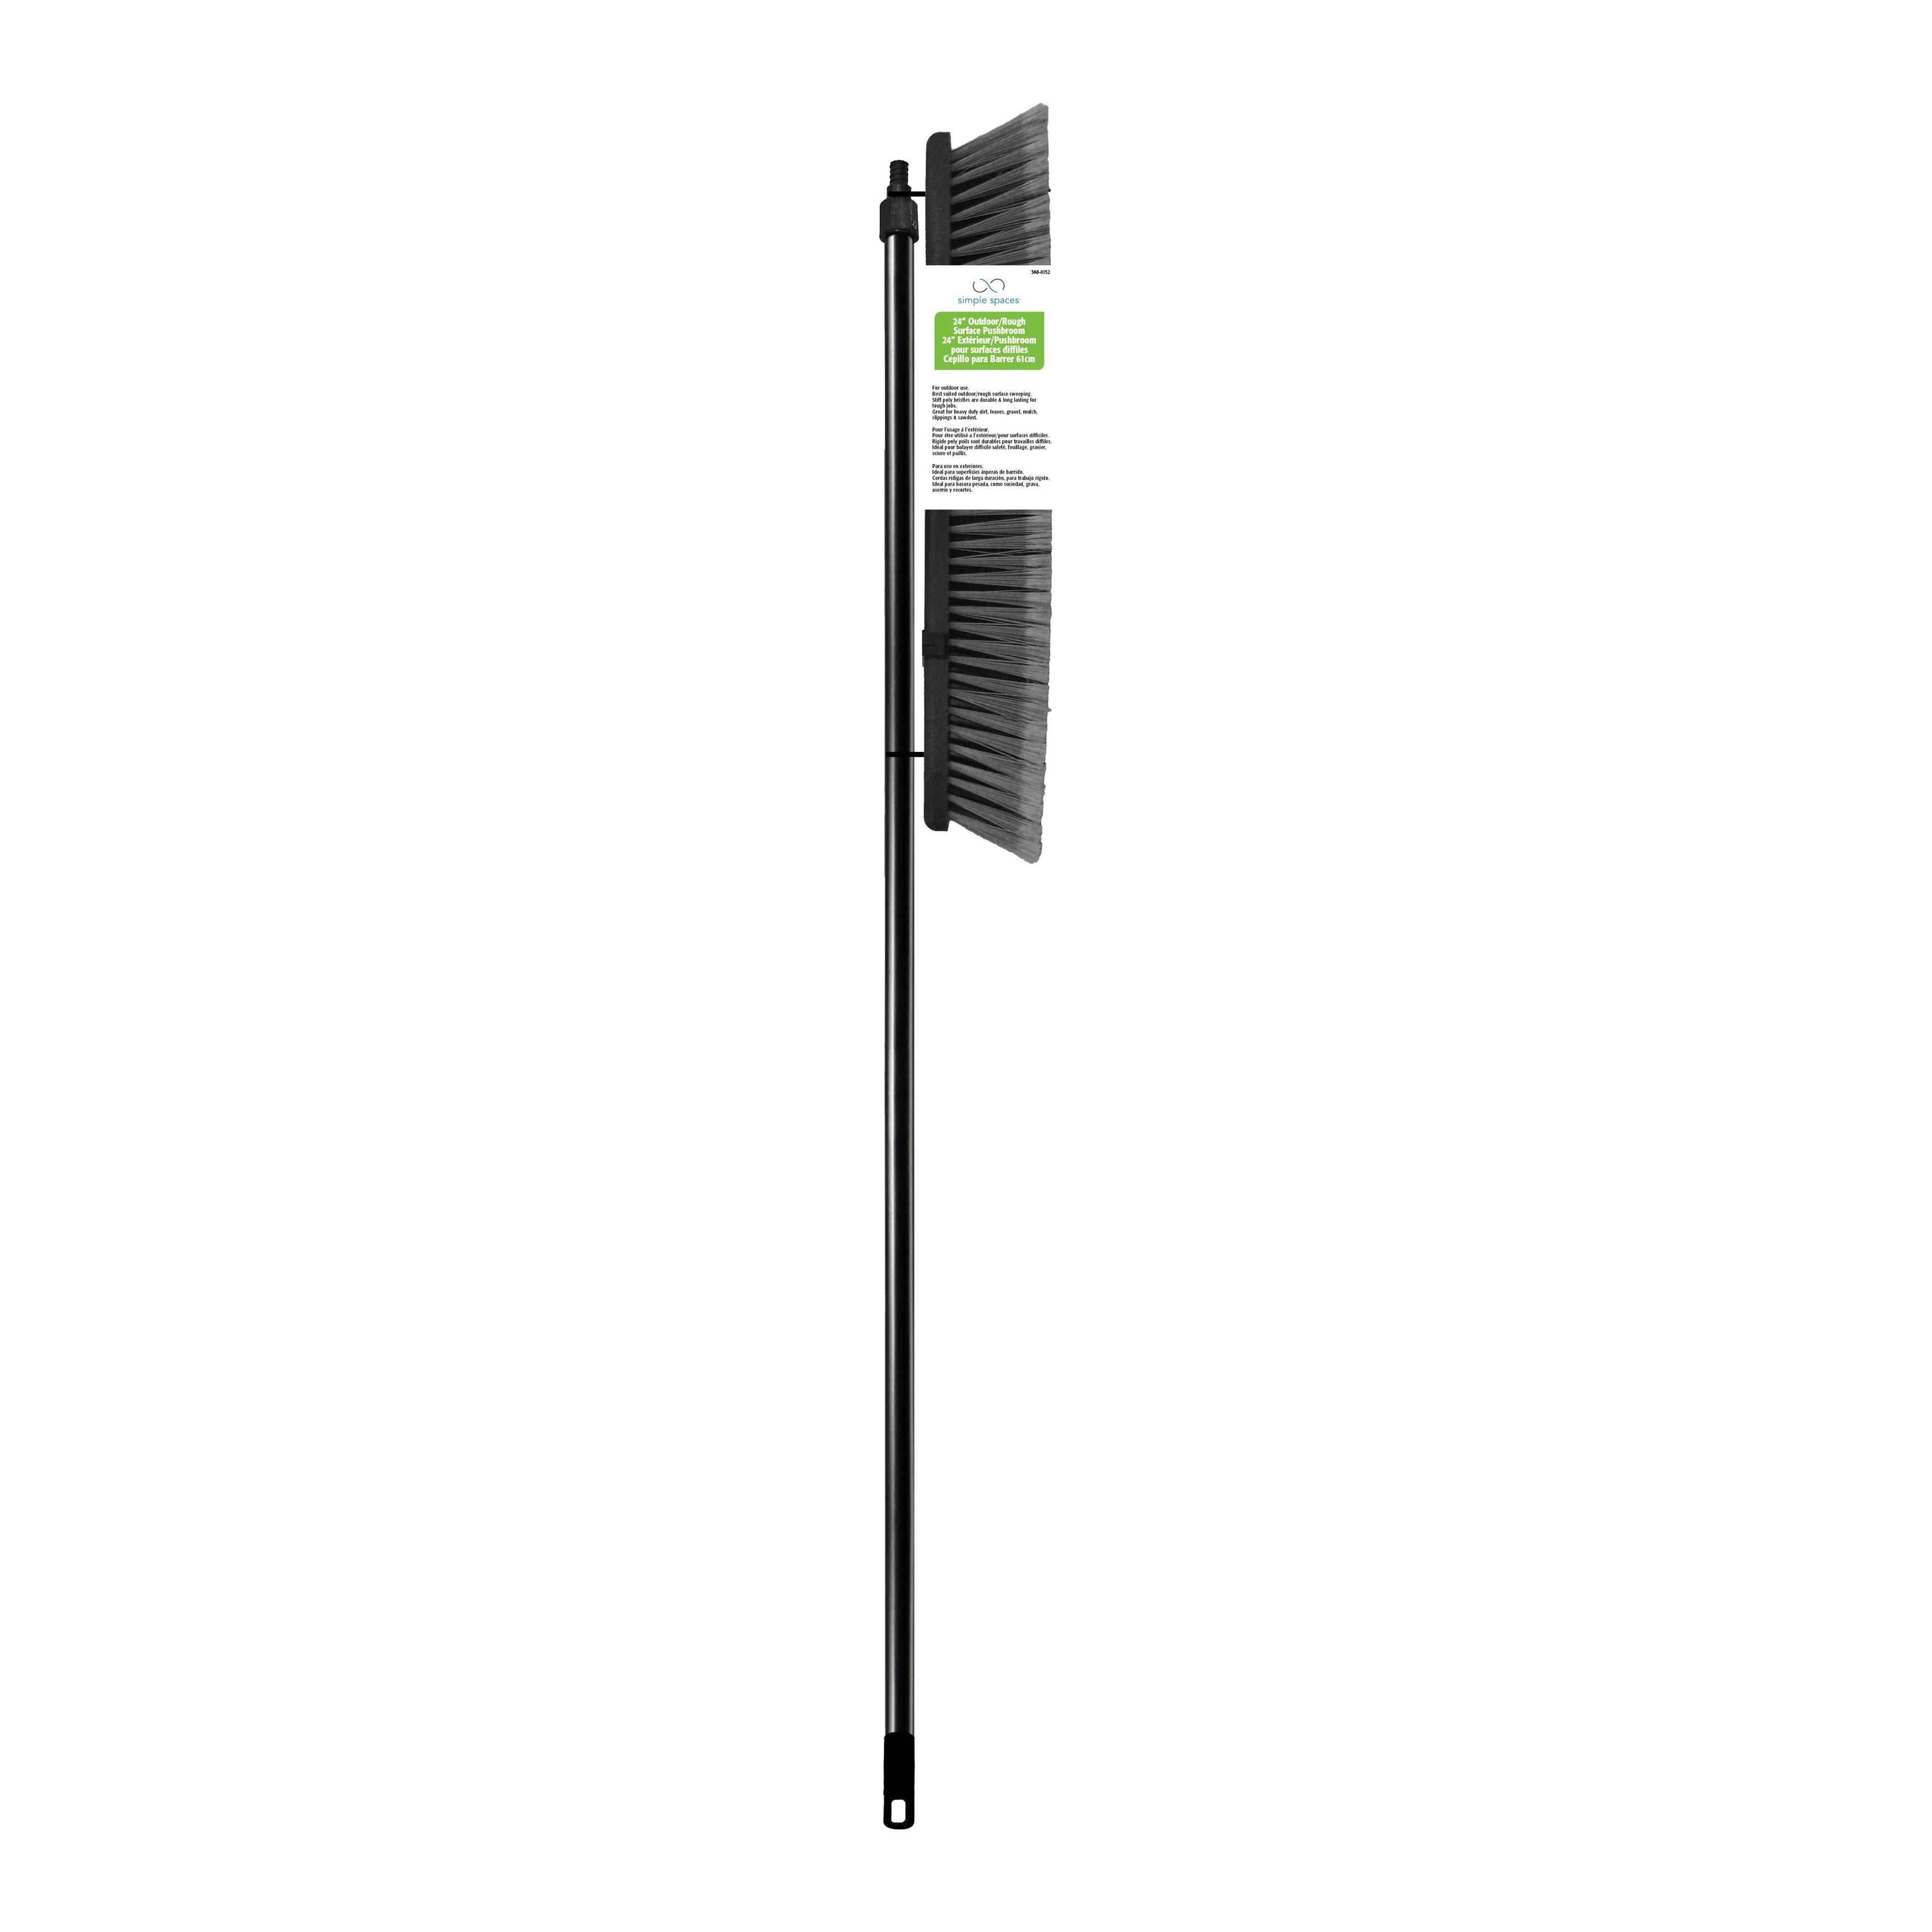 Picture of Simple Spaces 92008 Push Broom, 3-1/4 in L Trim, Palmyra Fiber Bristle, Threaded